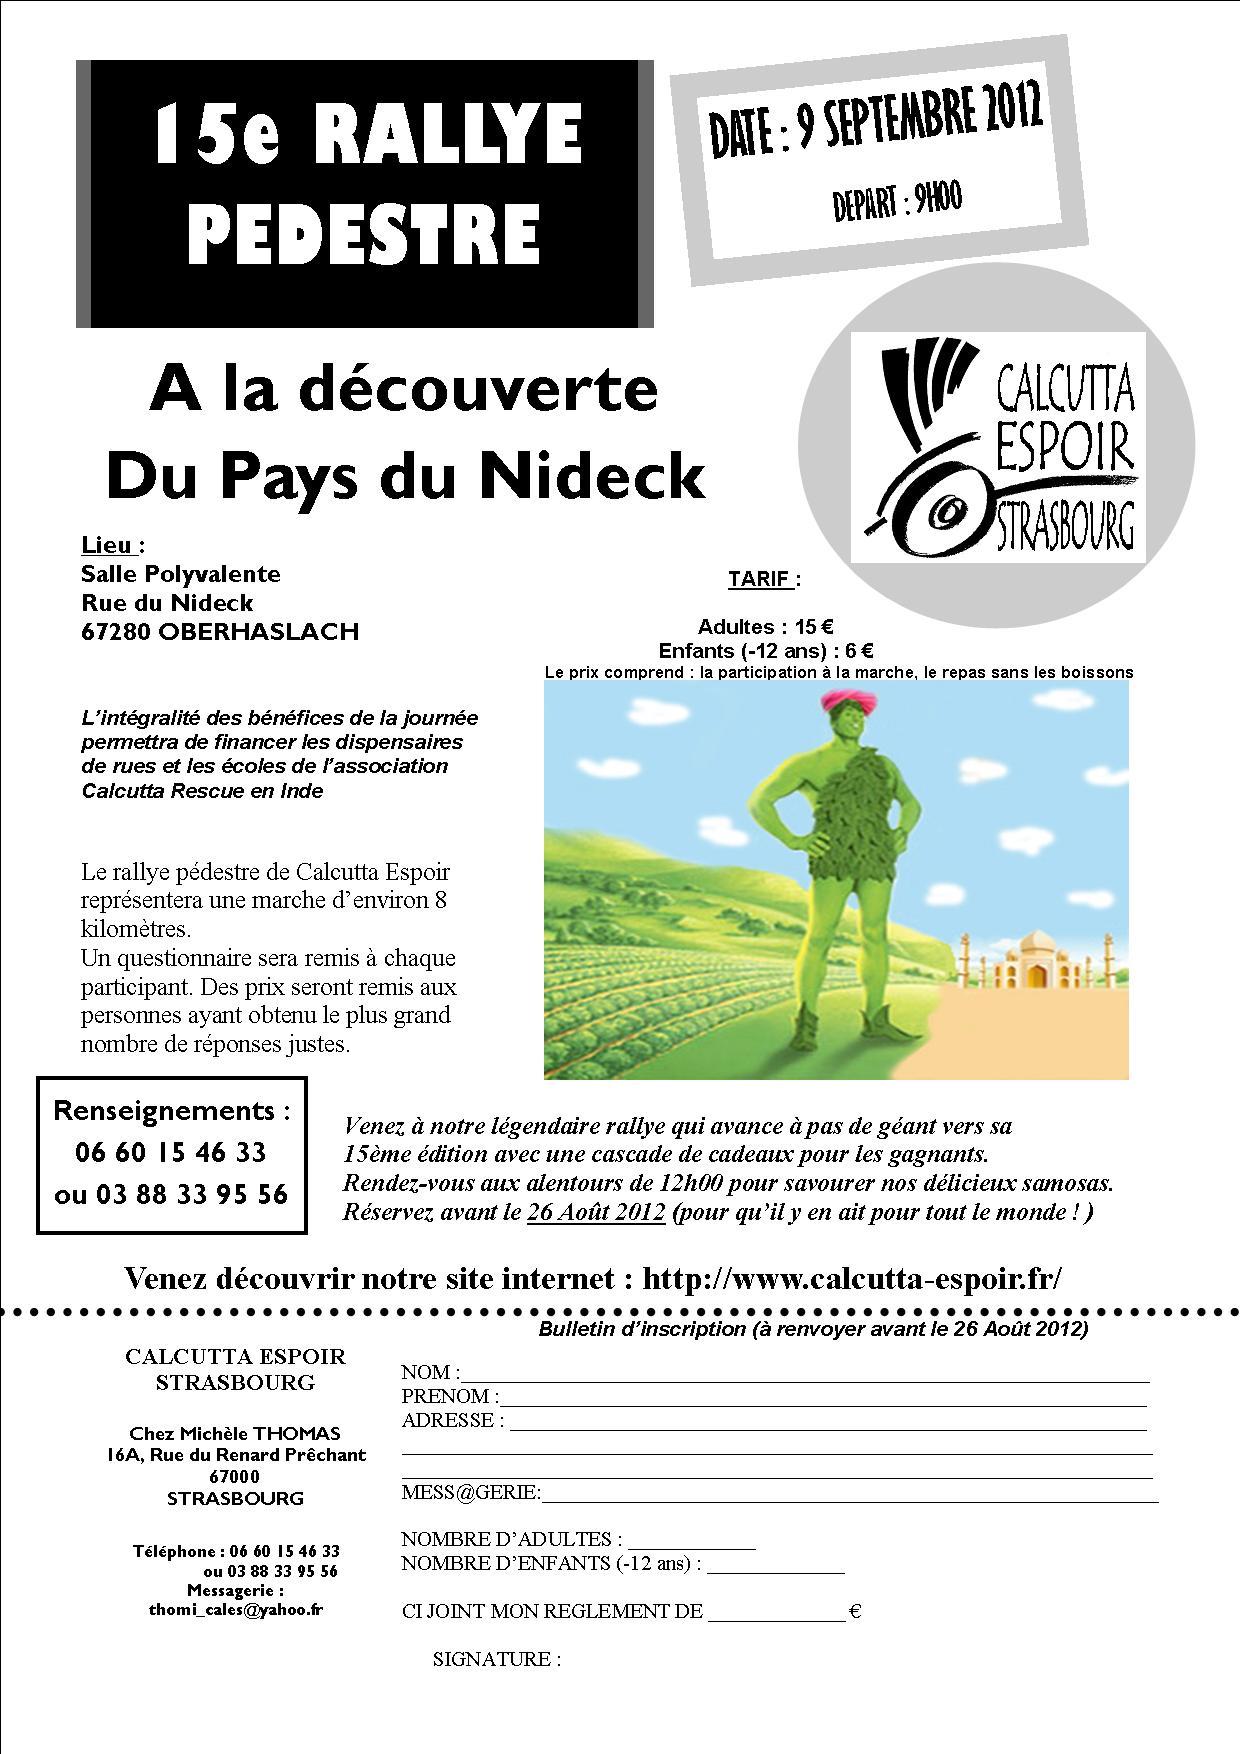 RALLYE 2012 - 15e Rallye Pédestre